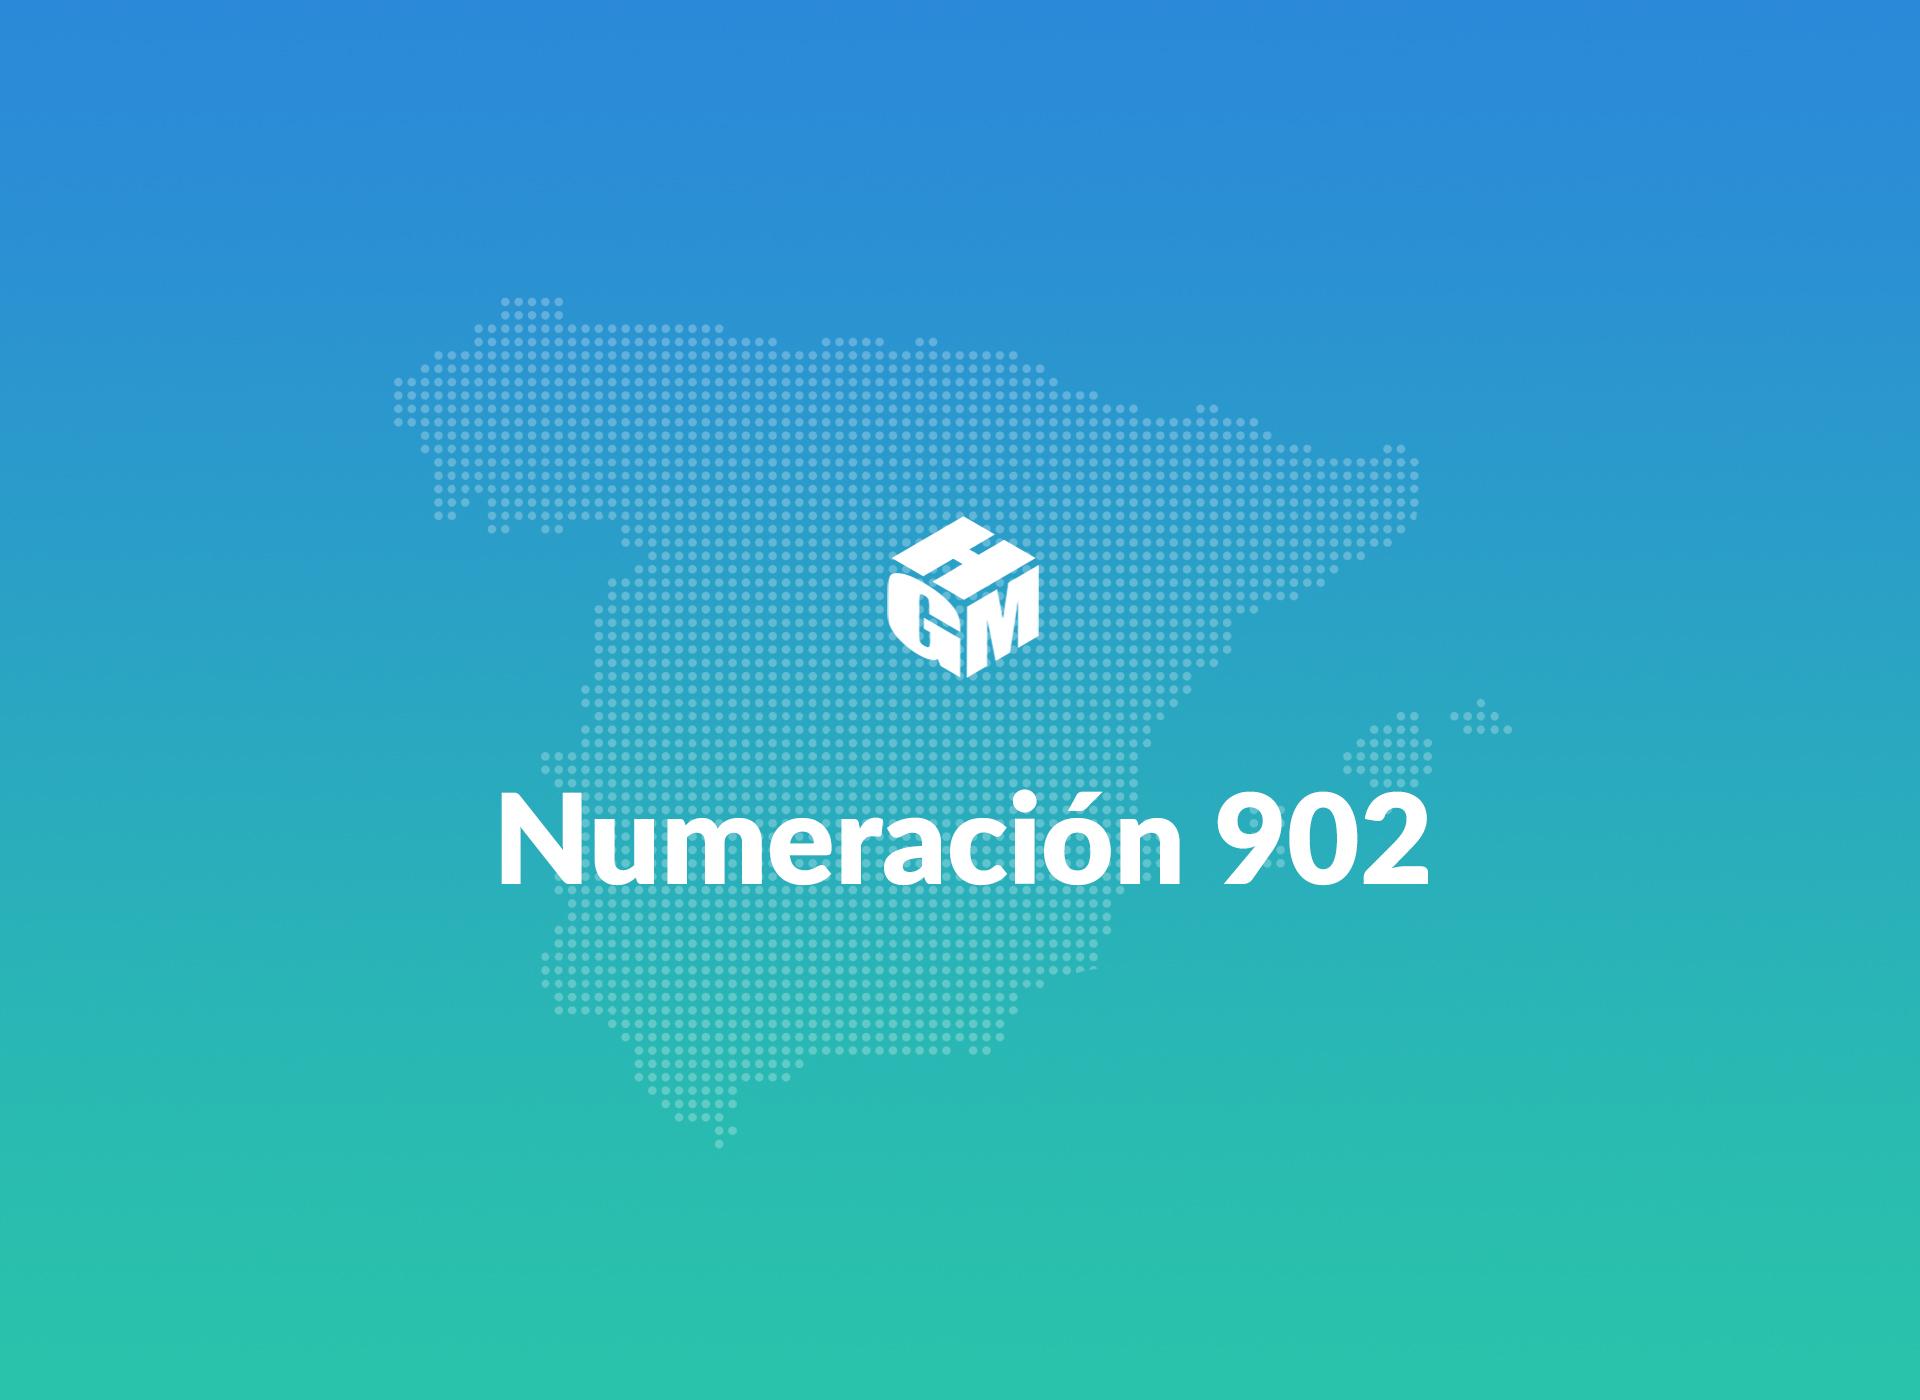 Numeración 902